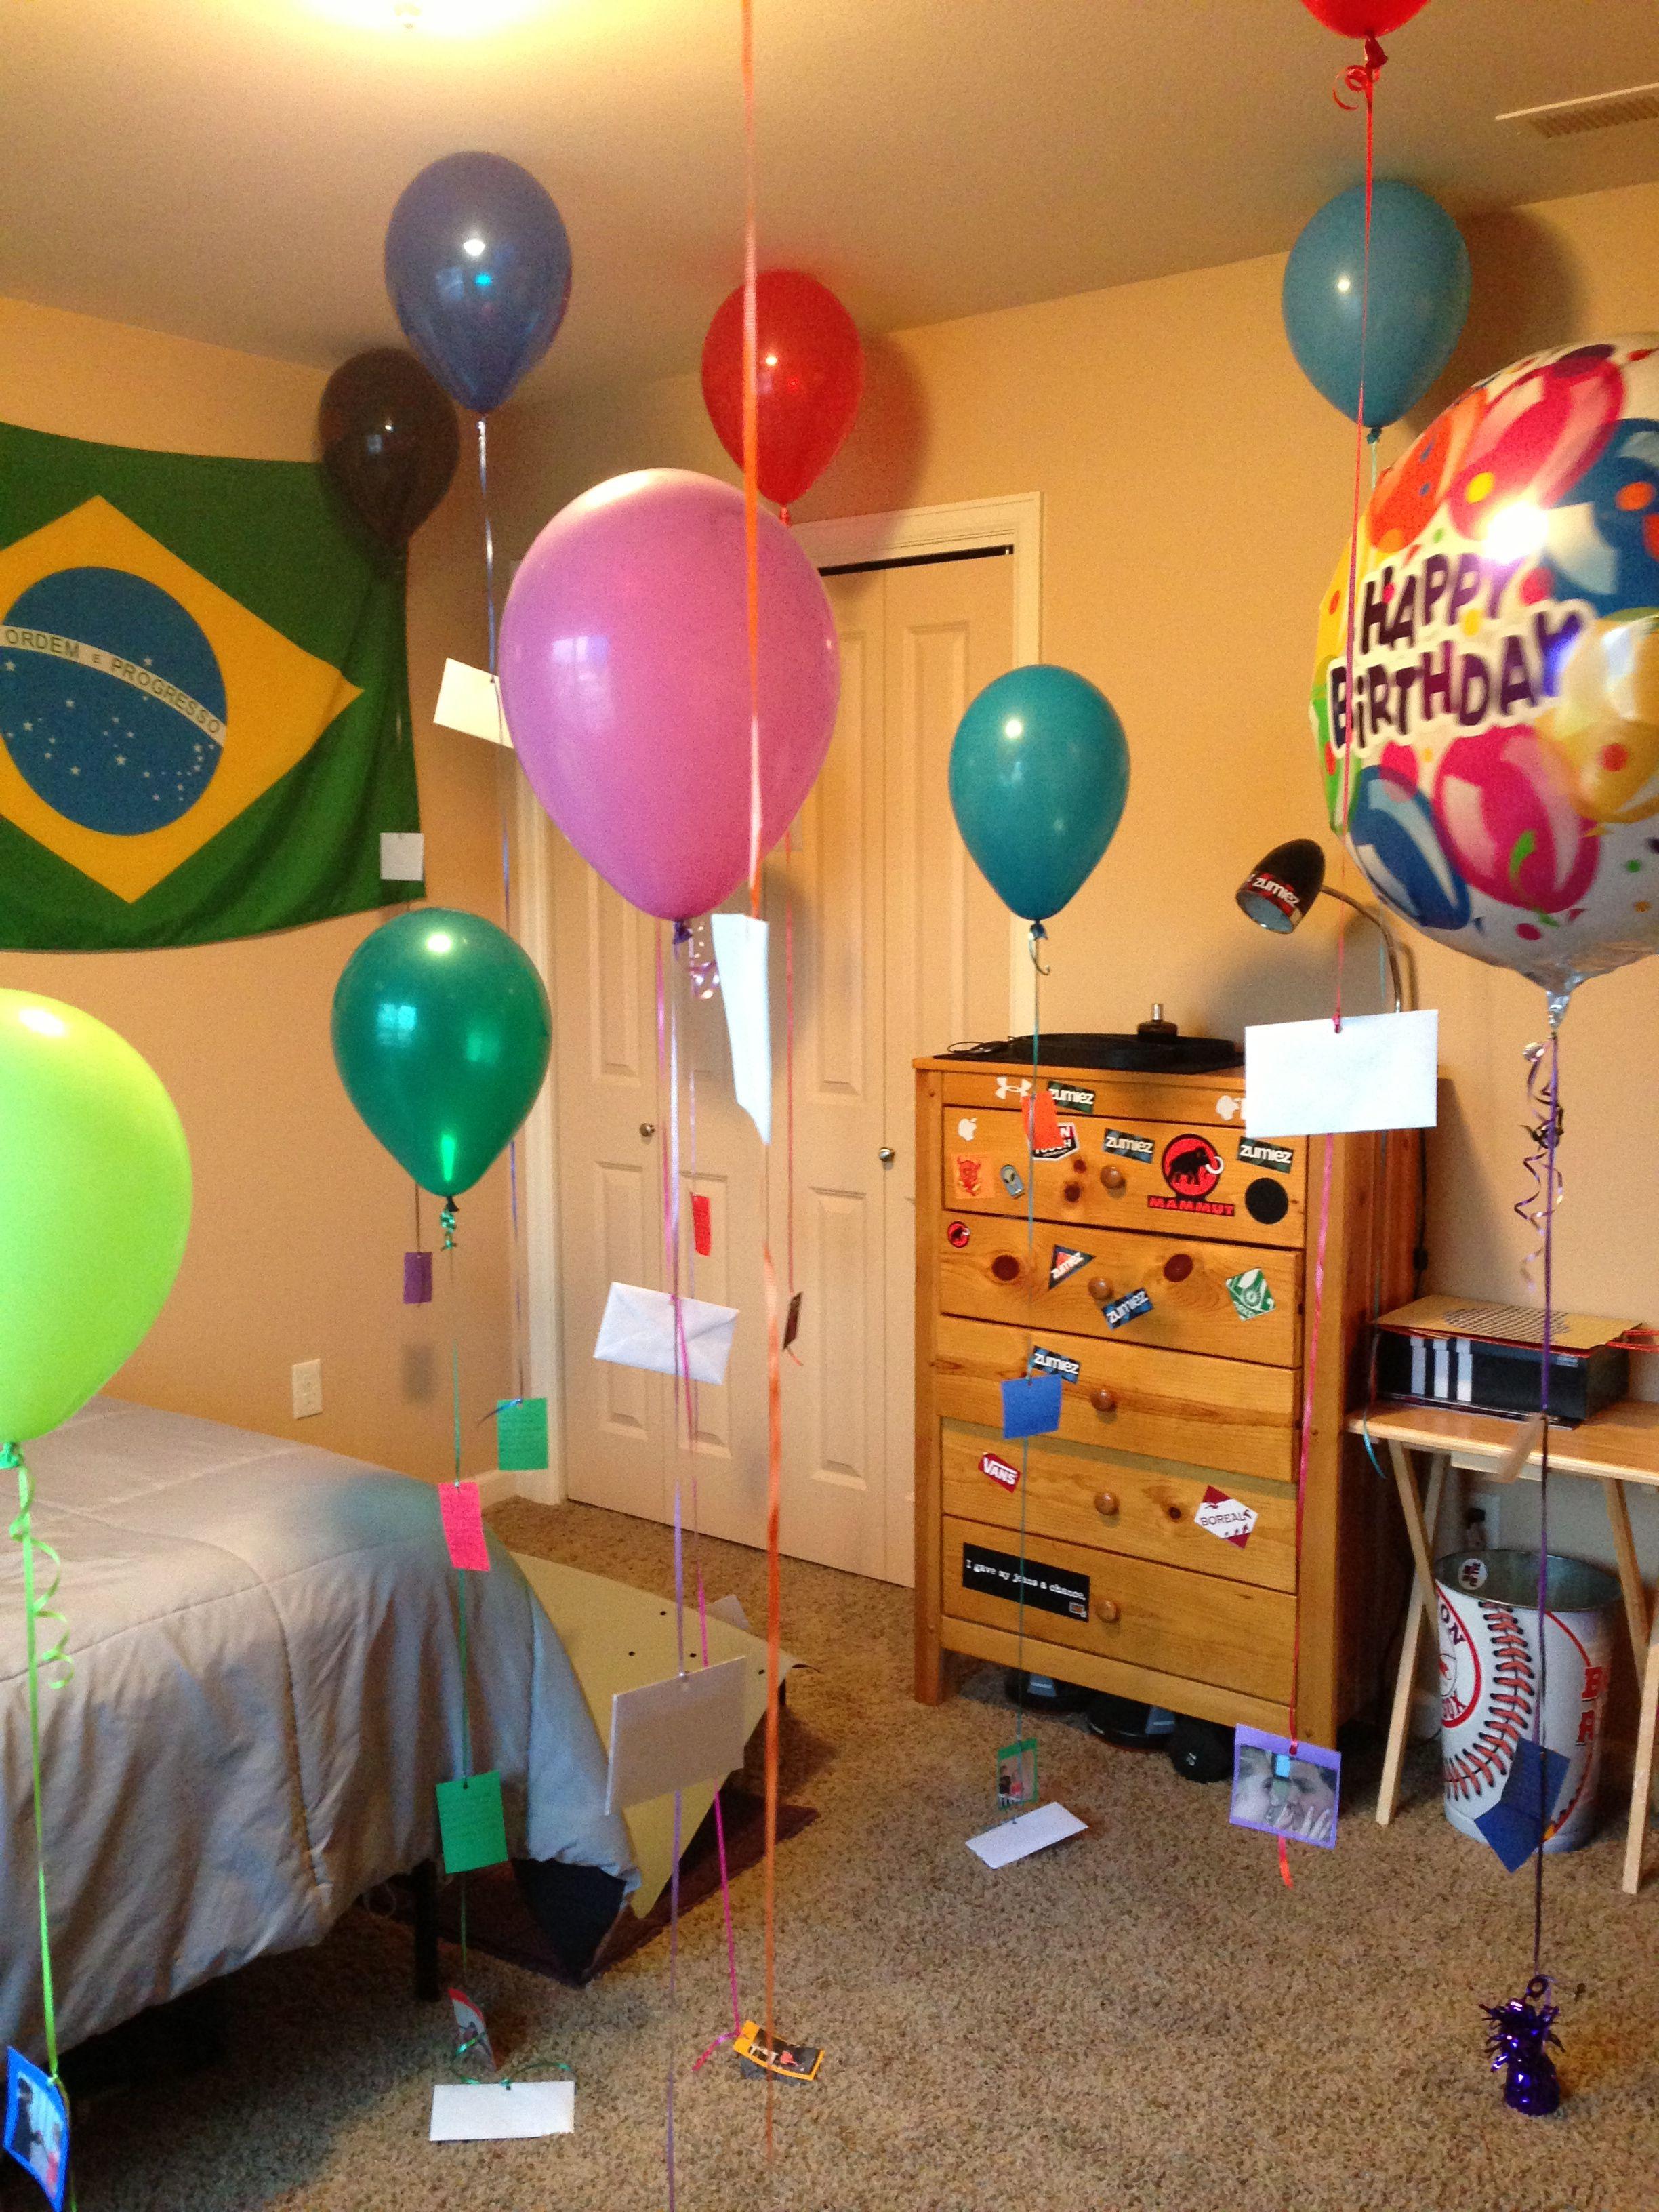 Birthday surprise for my boyfriends birthday Each envelope had